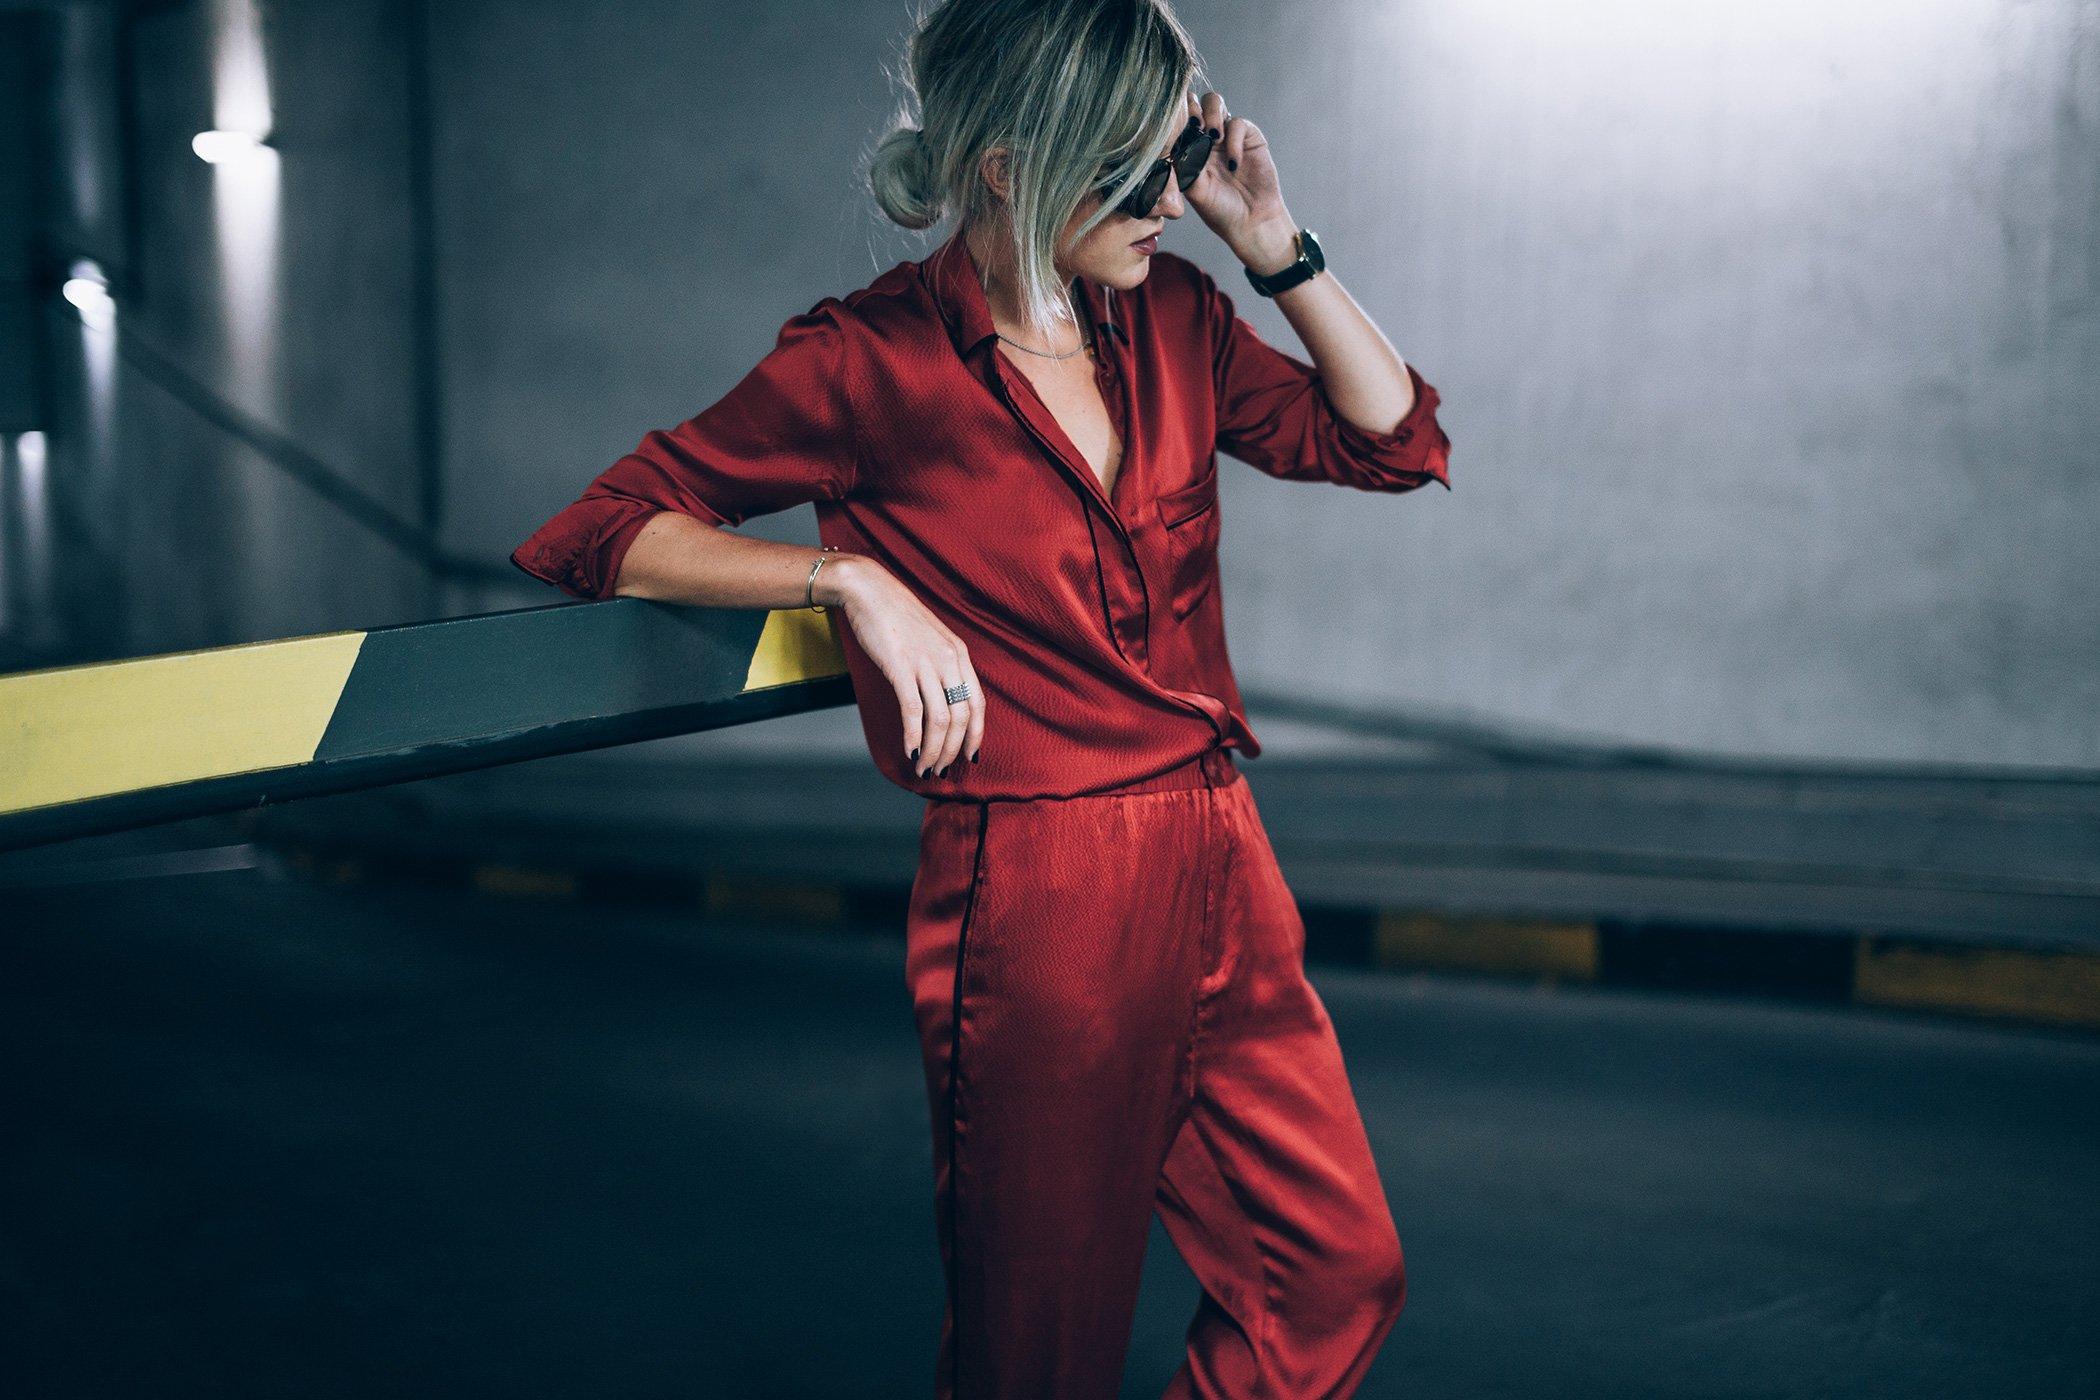 mikuta-in-red-ganni-suit-5